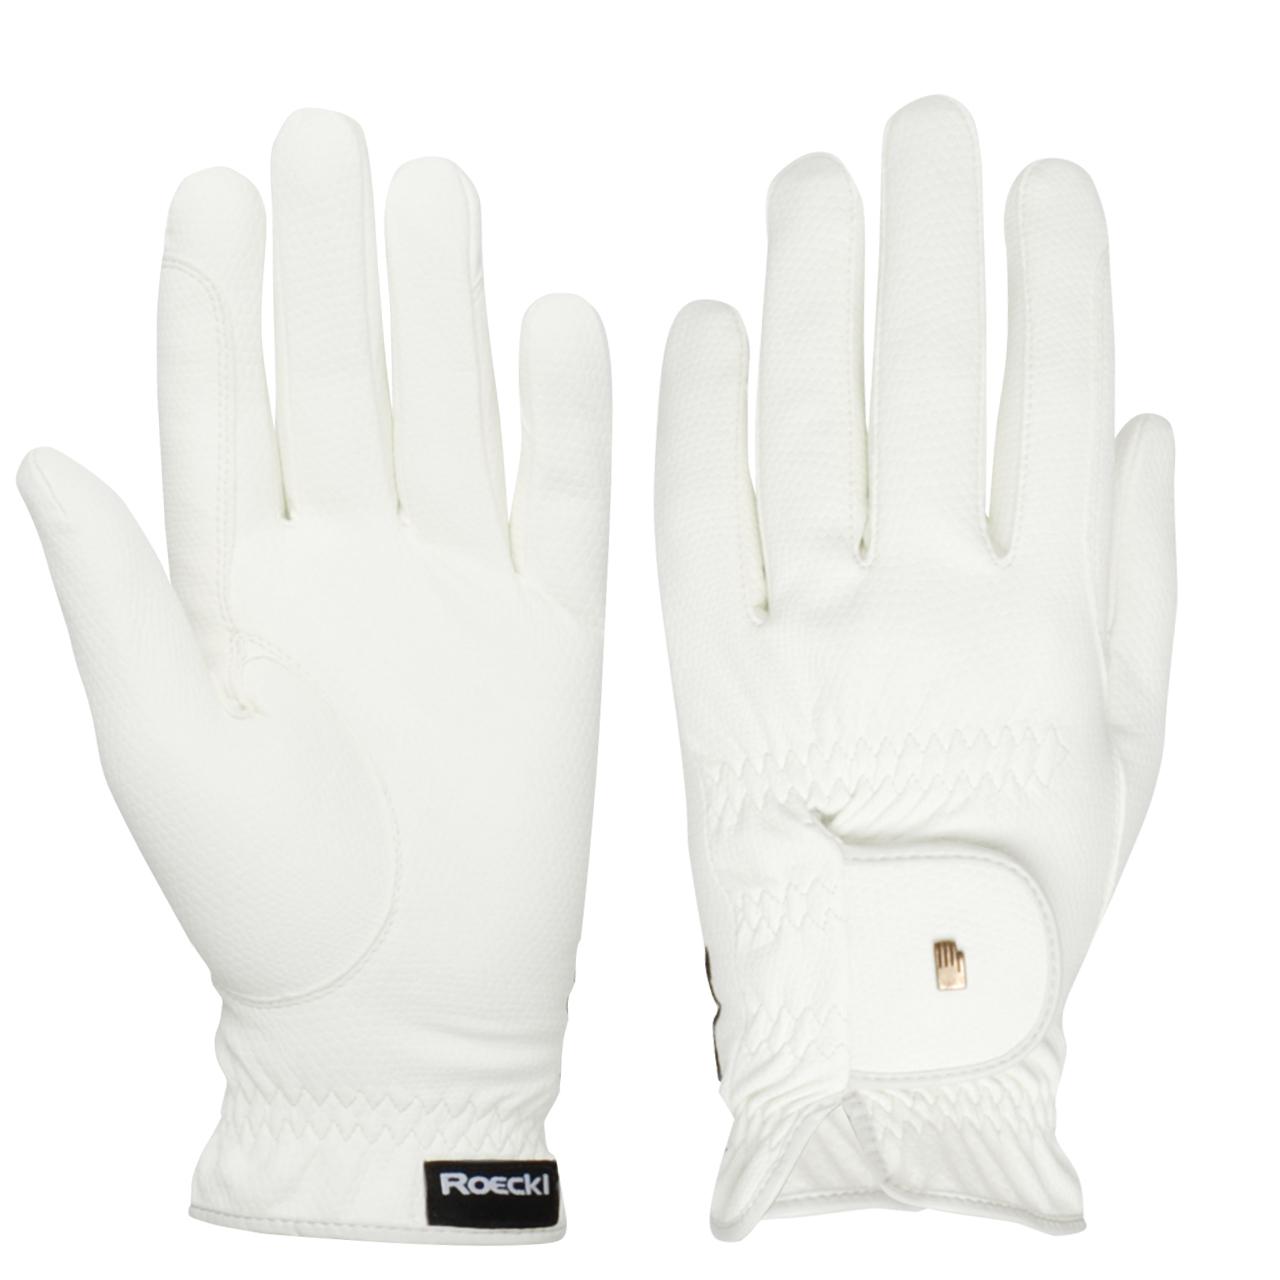 Roeckl Roeck grip Handschoen wit maat:6